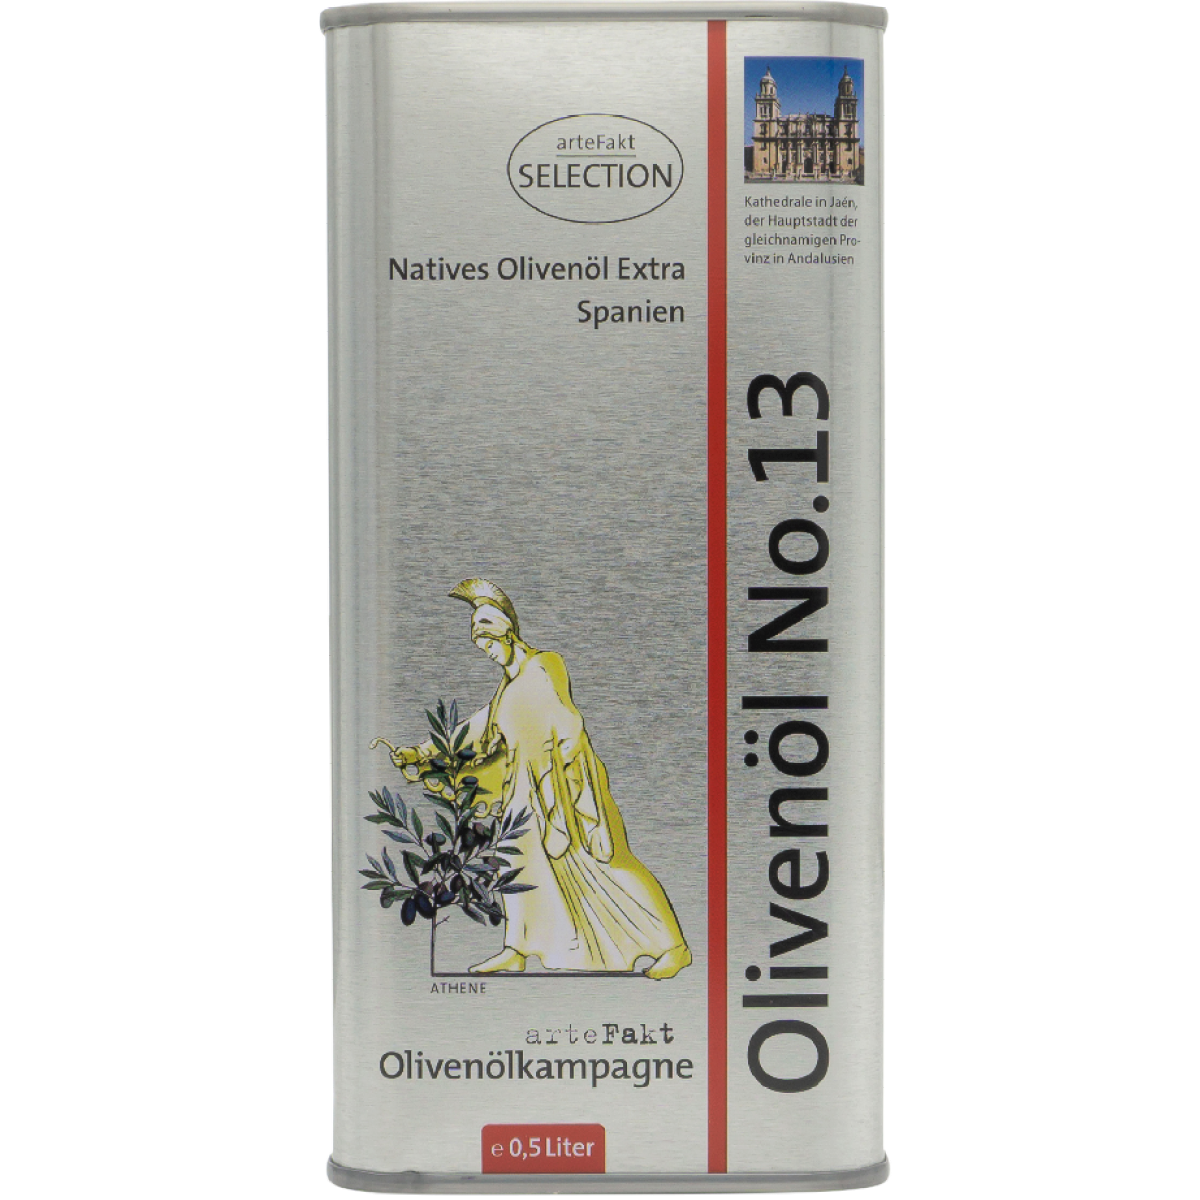 Bio Olivenöl No 13; Andalusien